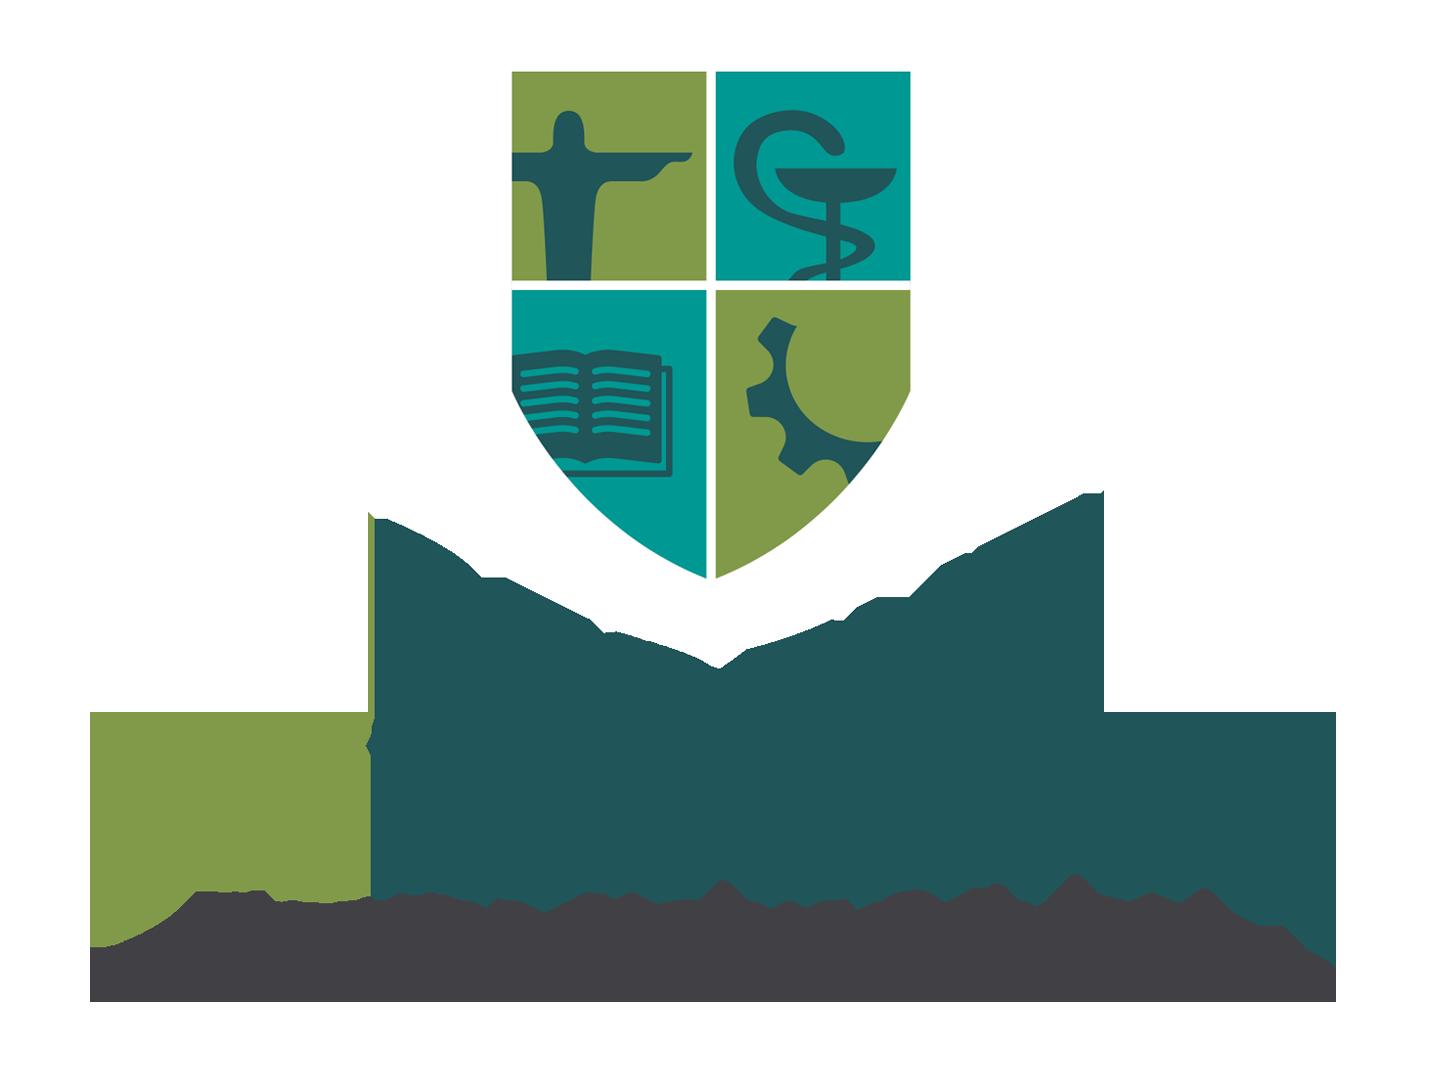 Faculdade Redentor - Cursos de Pós-graduação Presencial e a Distância.